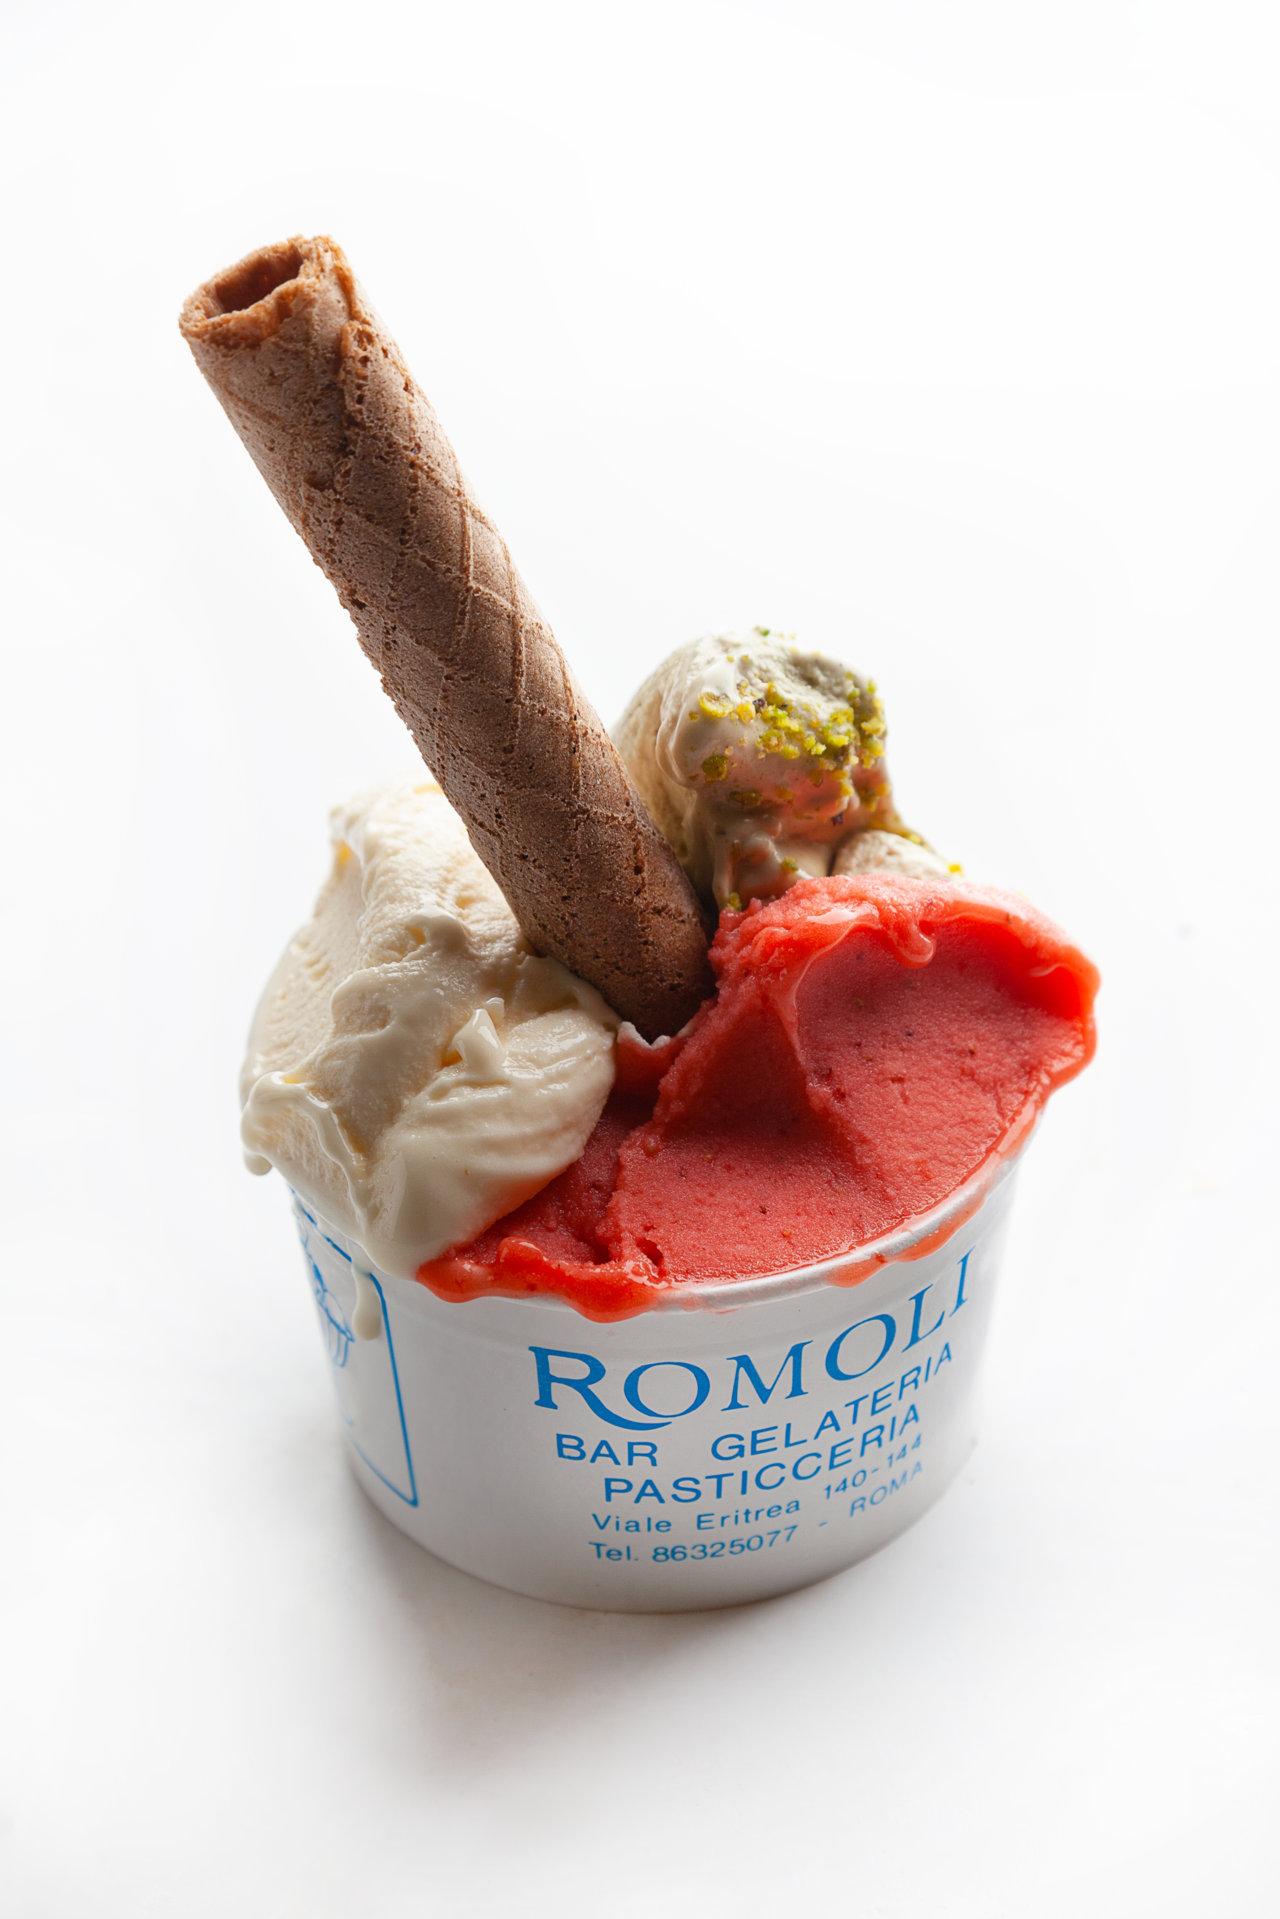 gelateria artigianale roma